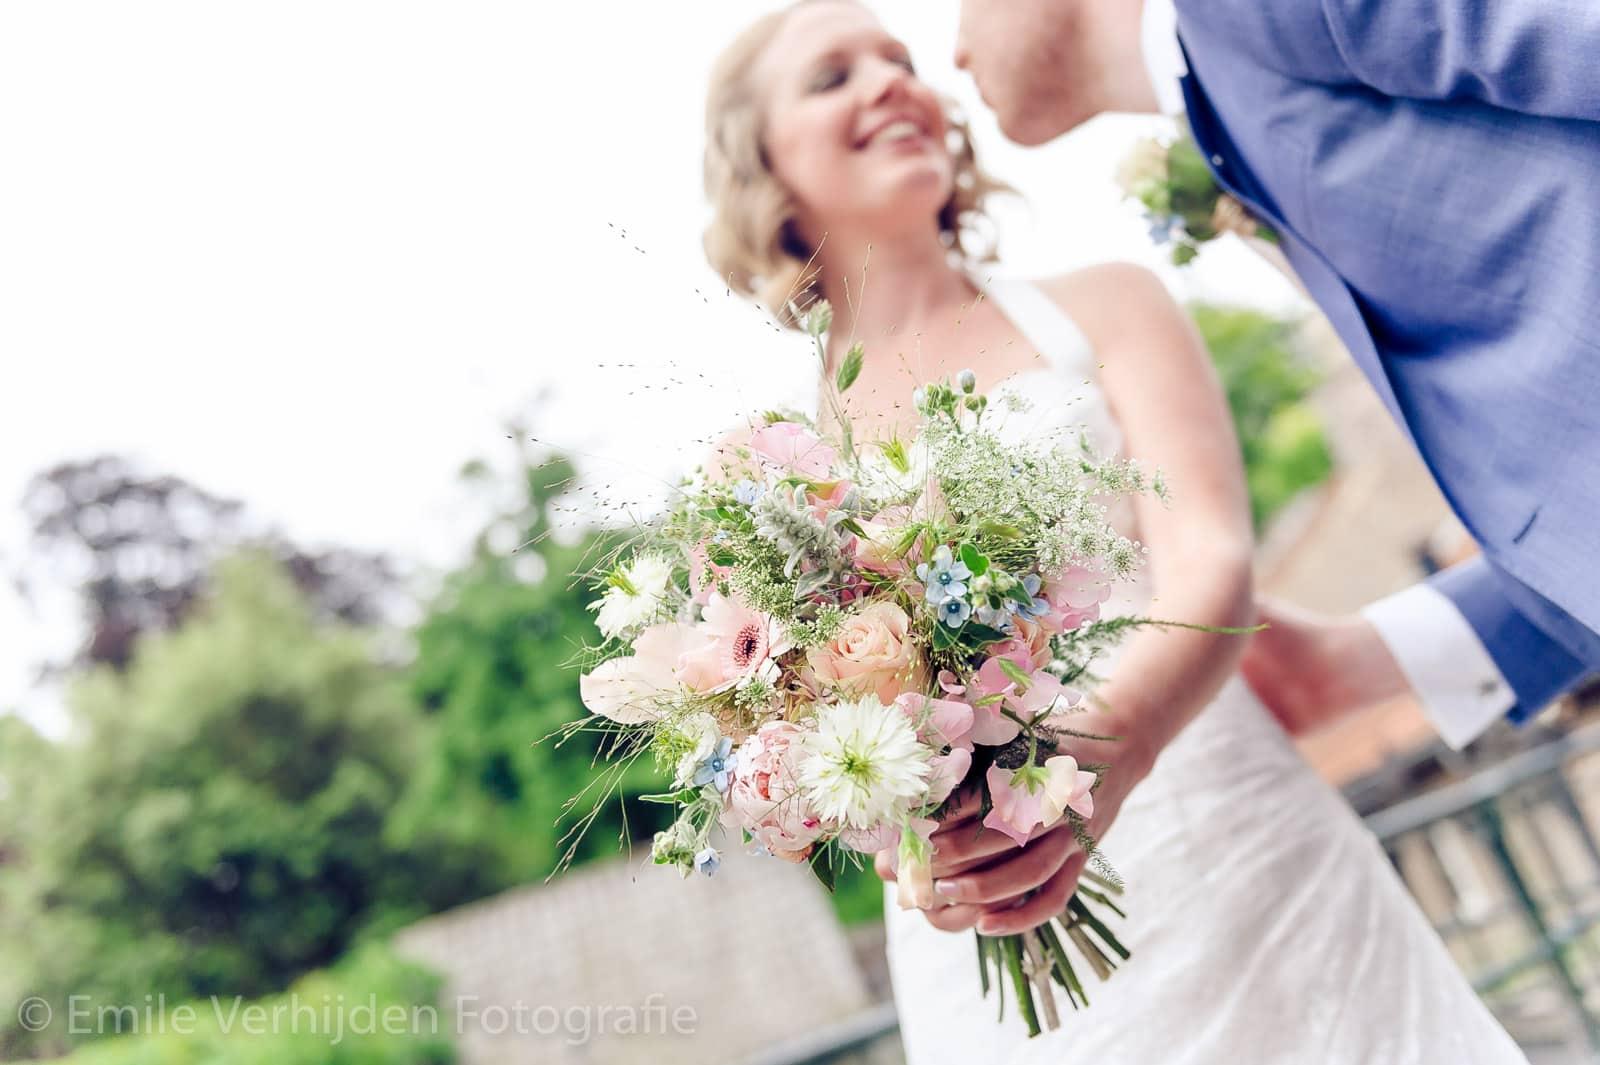 Bruid krijgt een kus van de bruidegom